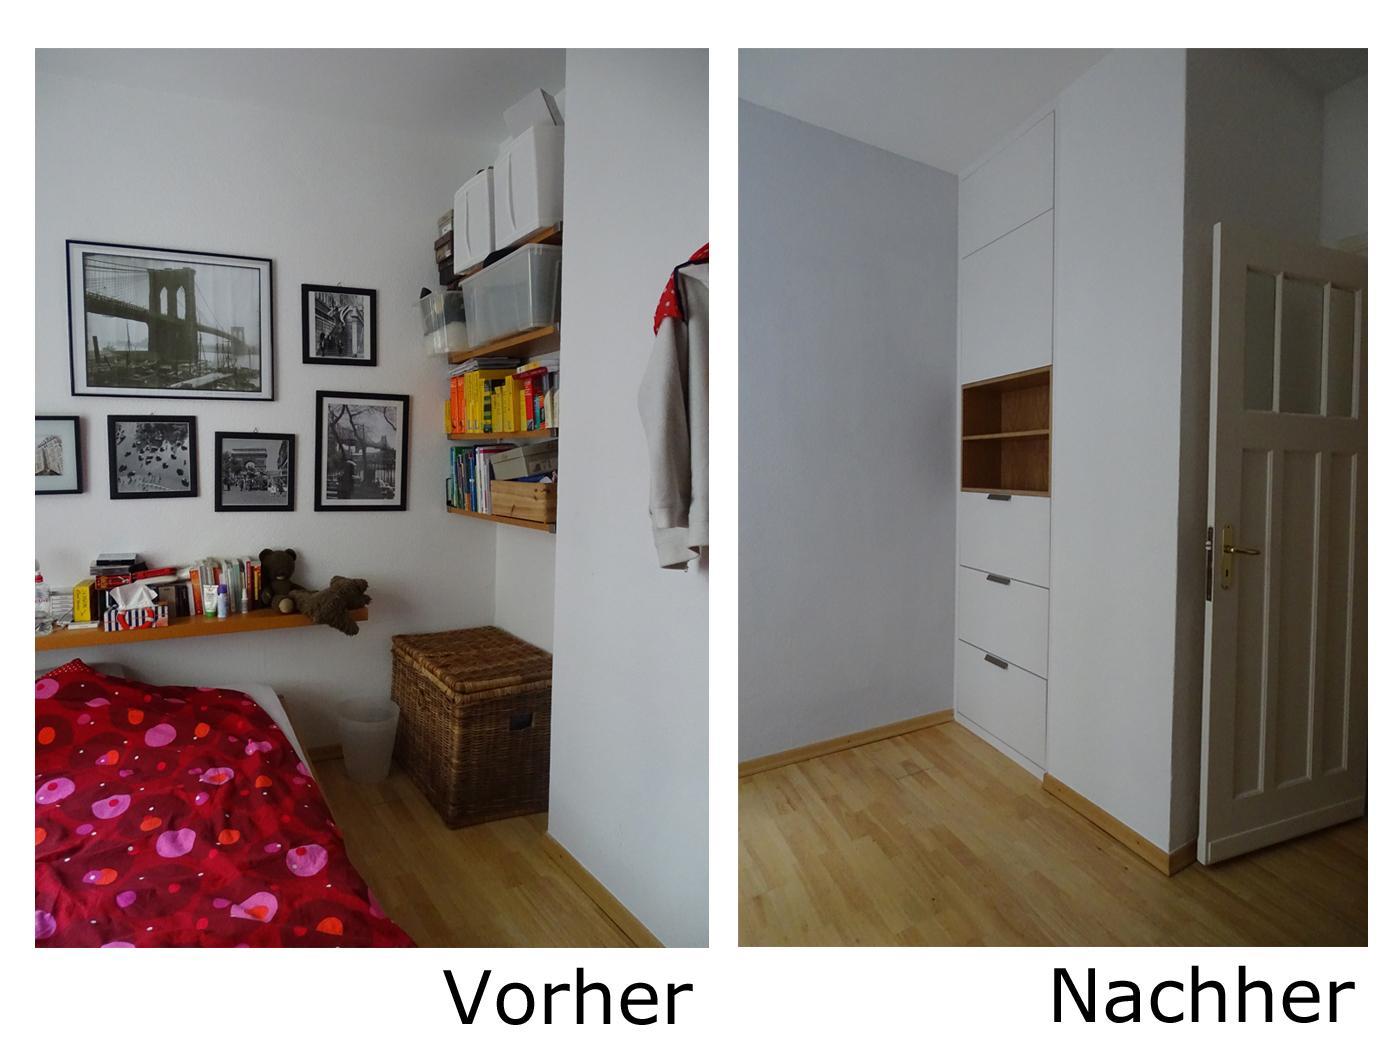 Ideen Für Schuhaufbewahrung schuhaufbewahrung bilder ideen couchstyle